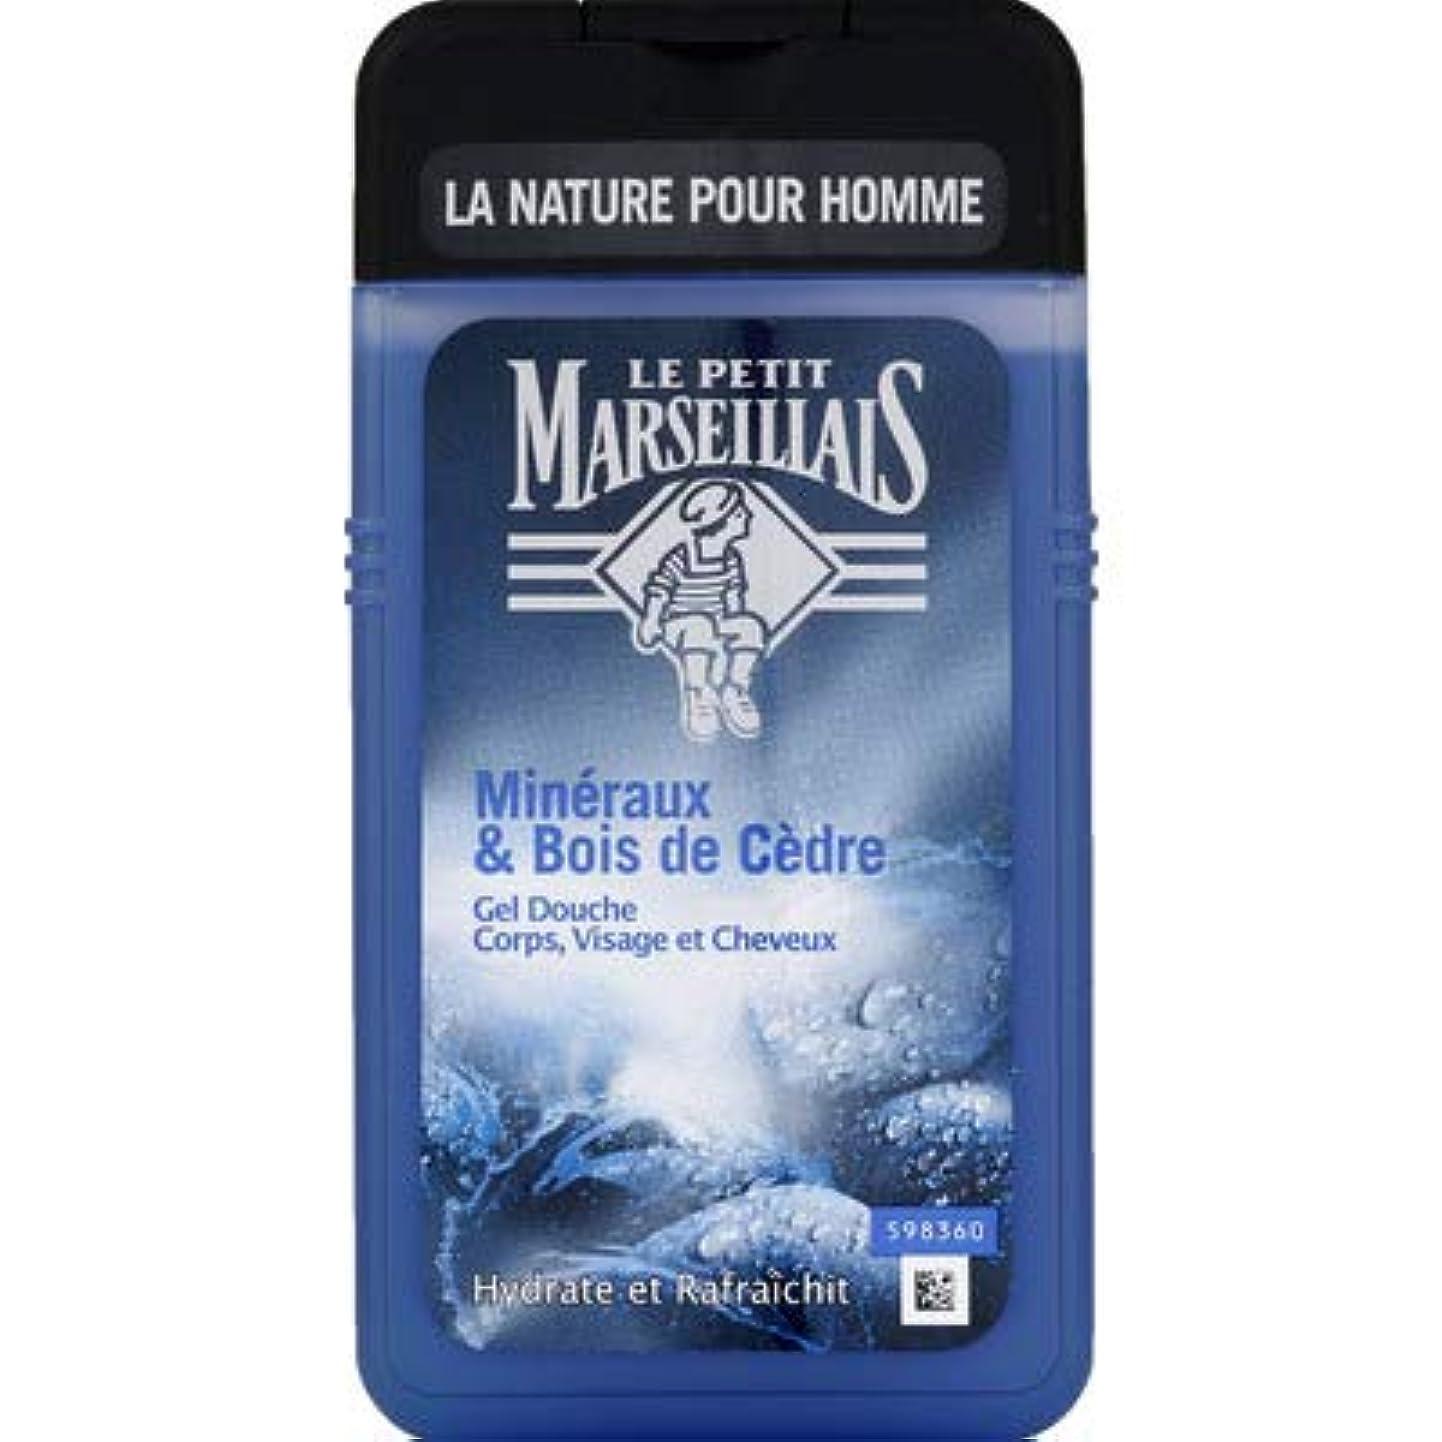 極貧延ばす自由メンズ用 顔?髪?体 ボディウォッシュ「ミネラル」と「シダーウッド」シャワージェル フランスの「ル?プティ?マルセイユ (Le Petit Marseillais)」 250ml